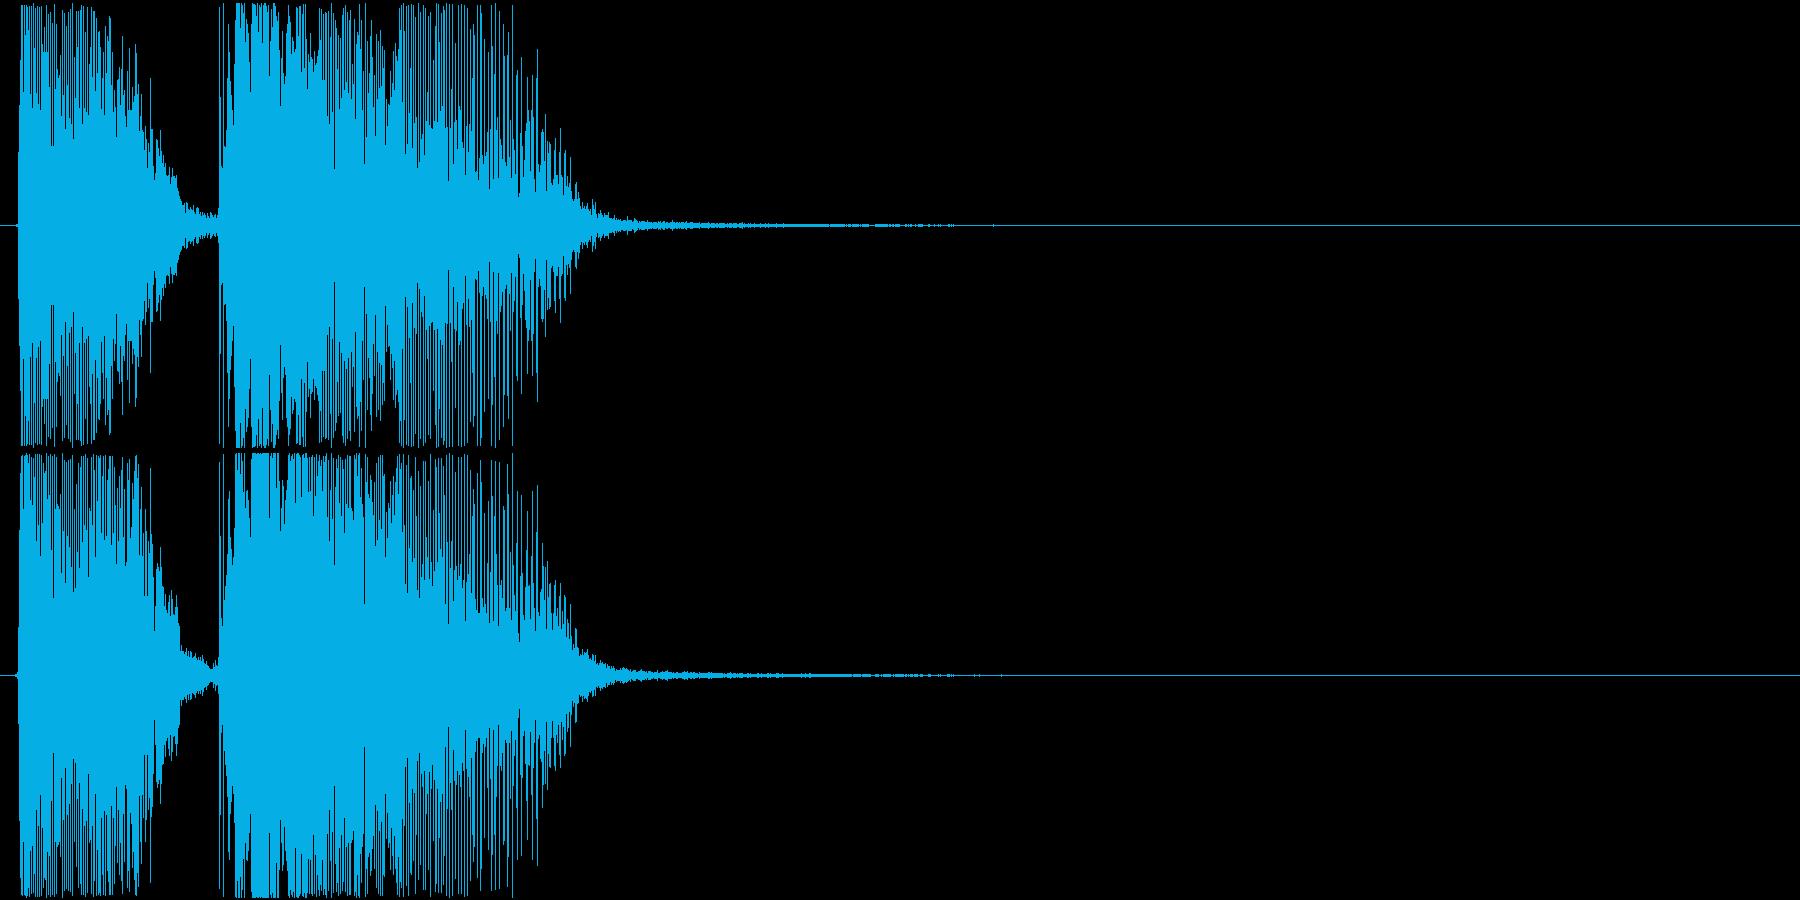 「オッケー!」ゲーム・アプリ用の再生済みの波形